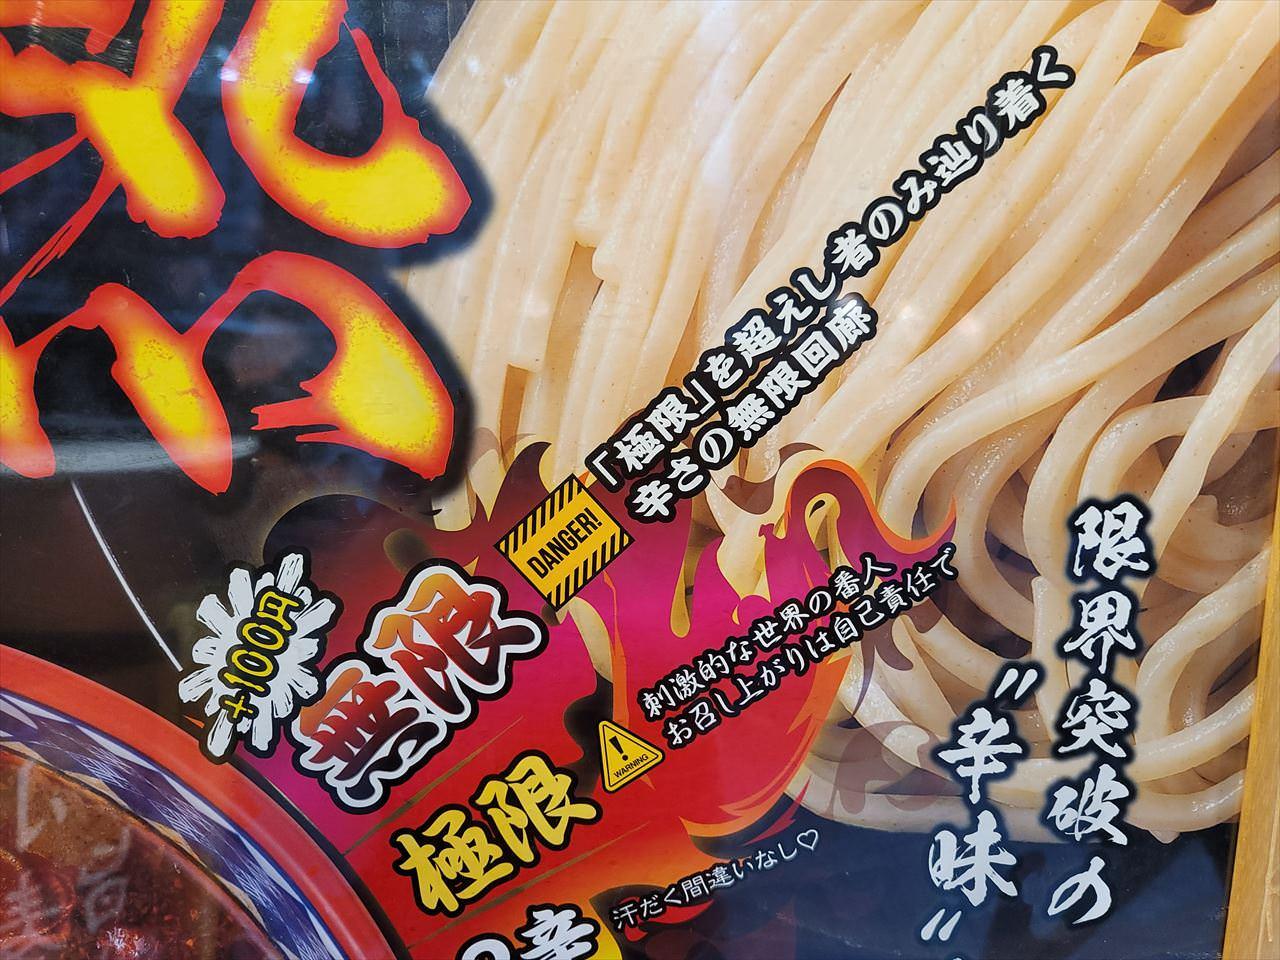 三田製麺所「灼熱つけ麺」 03 04